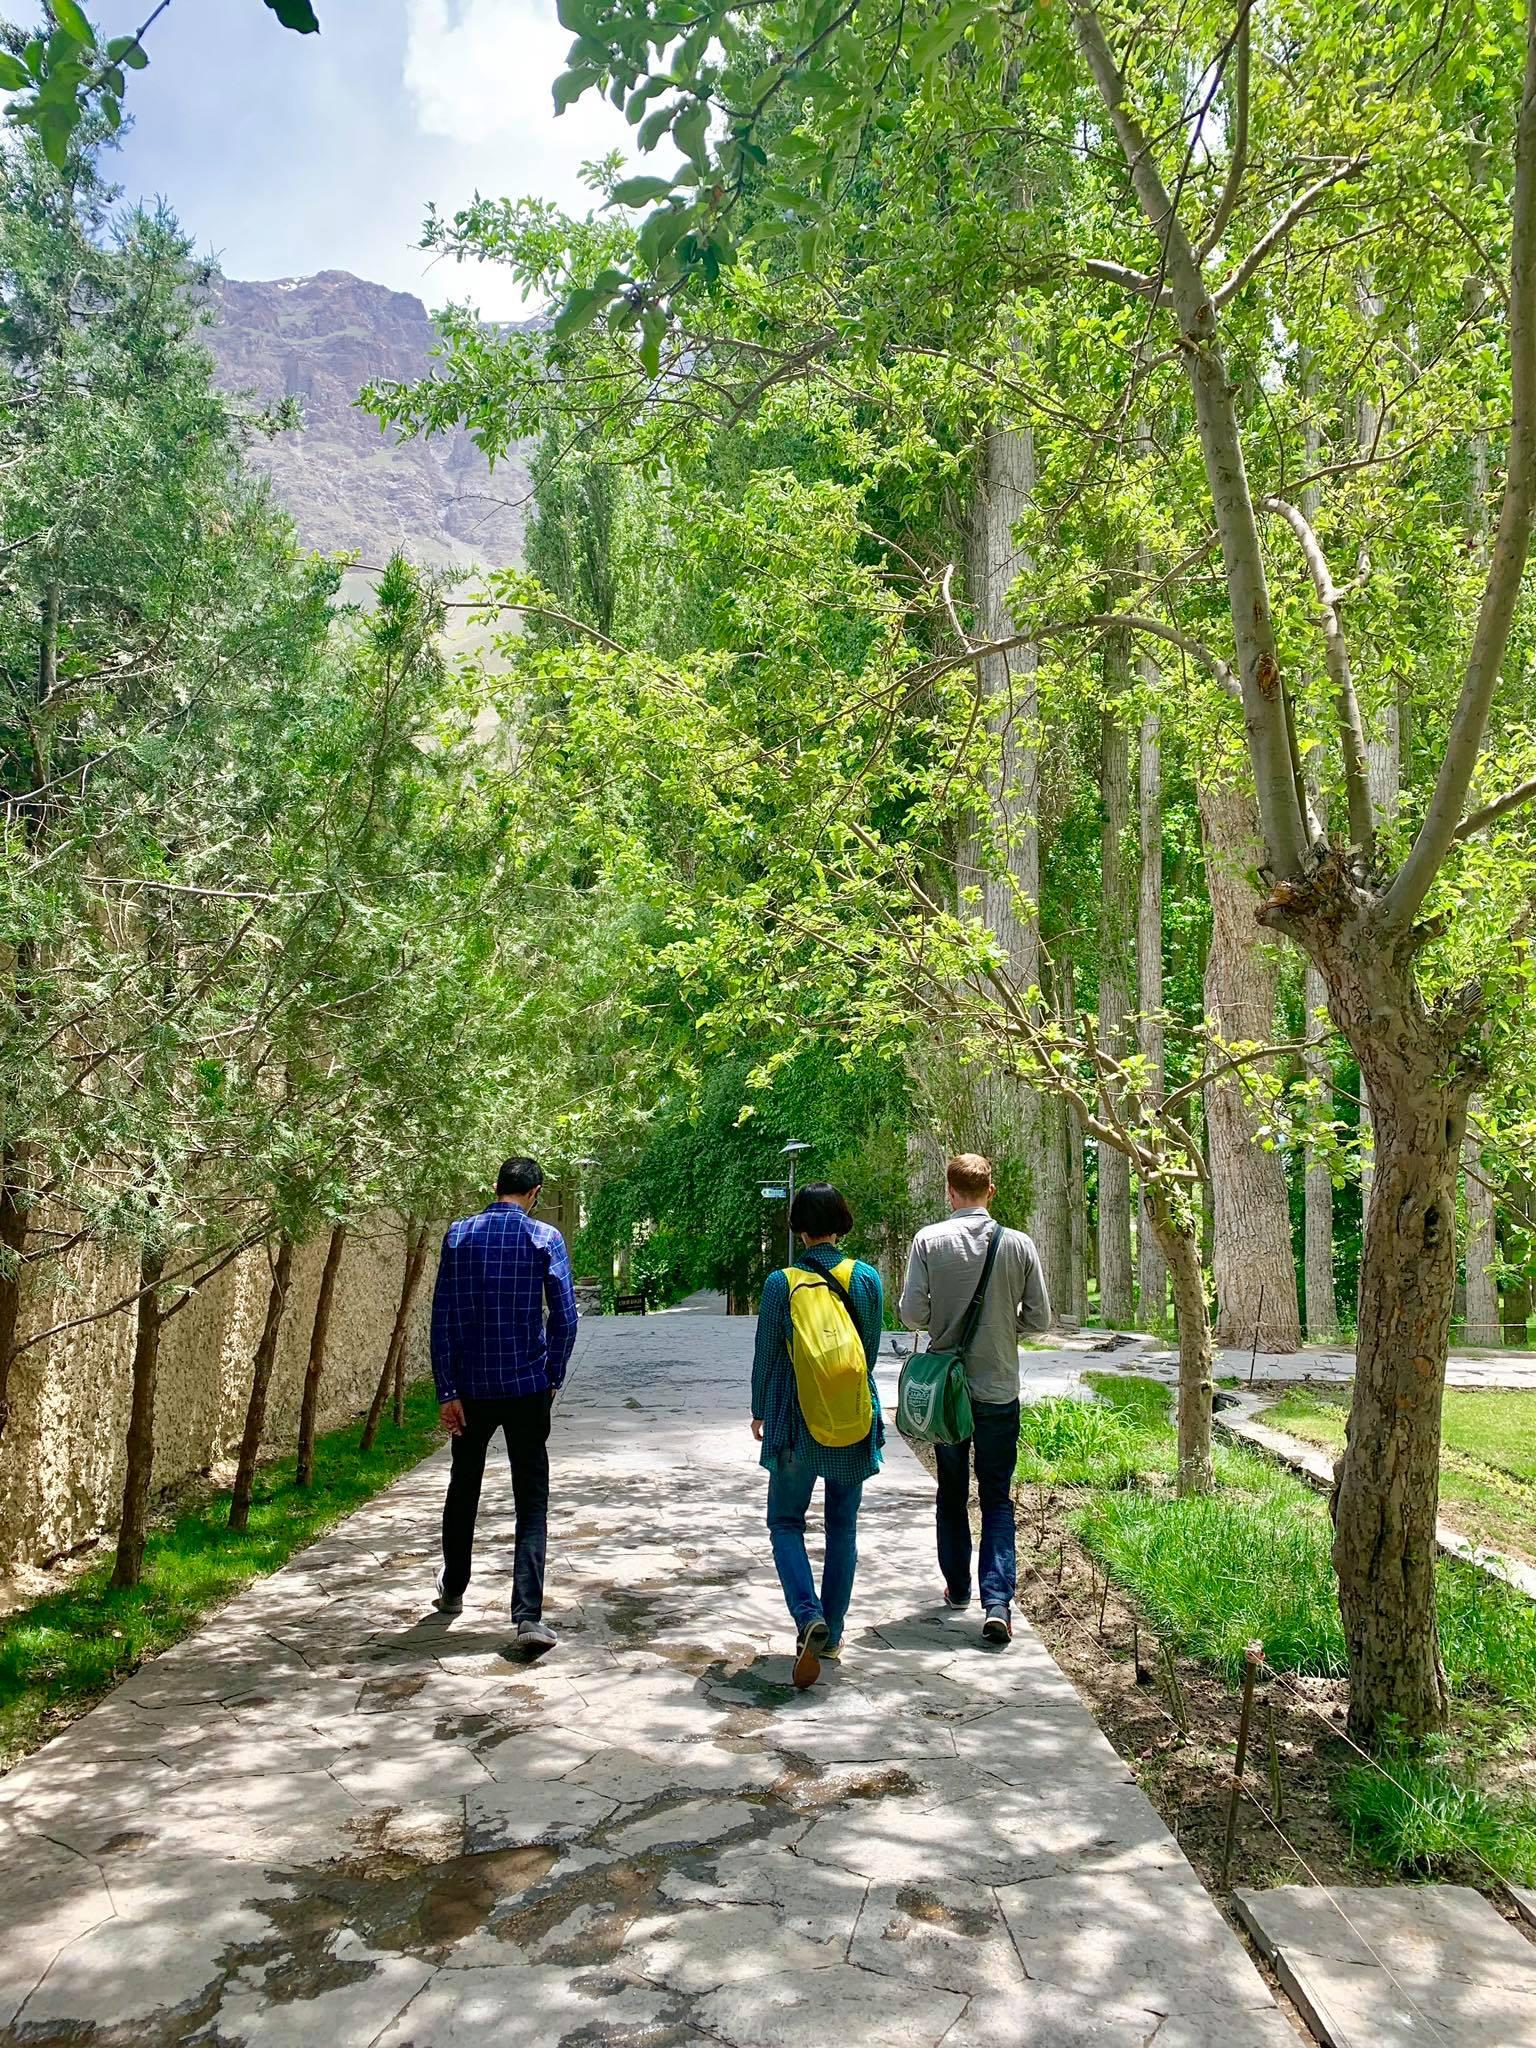 Kach Solo Travels in 2019 Pamir Highway Trip in Tajikistan29.jpg